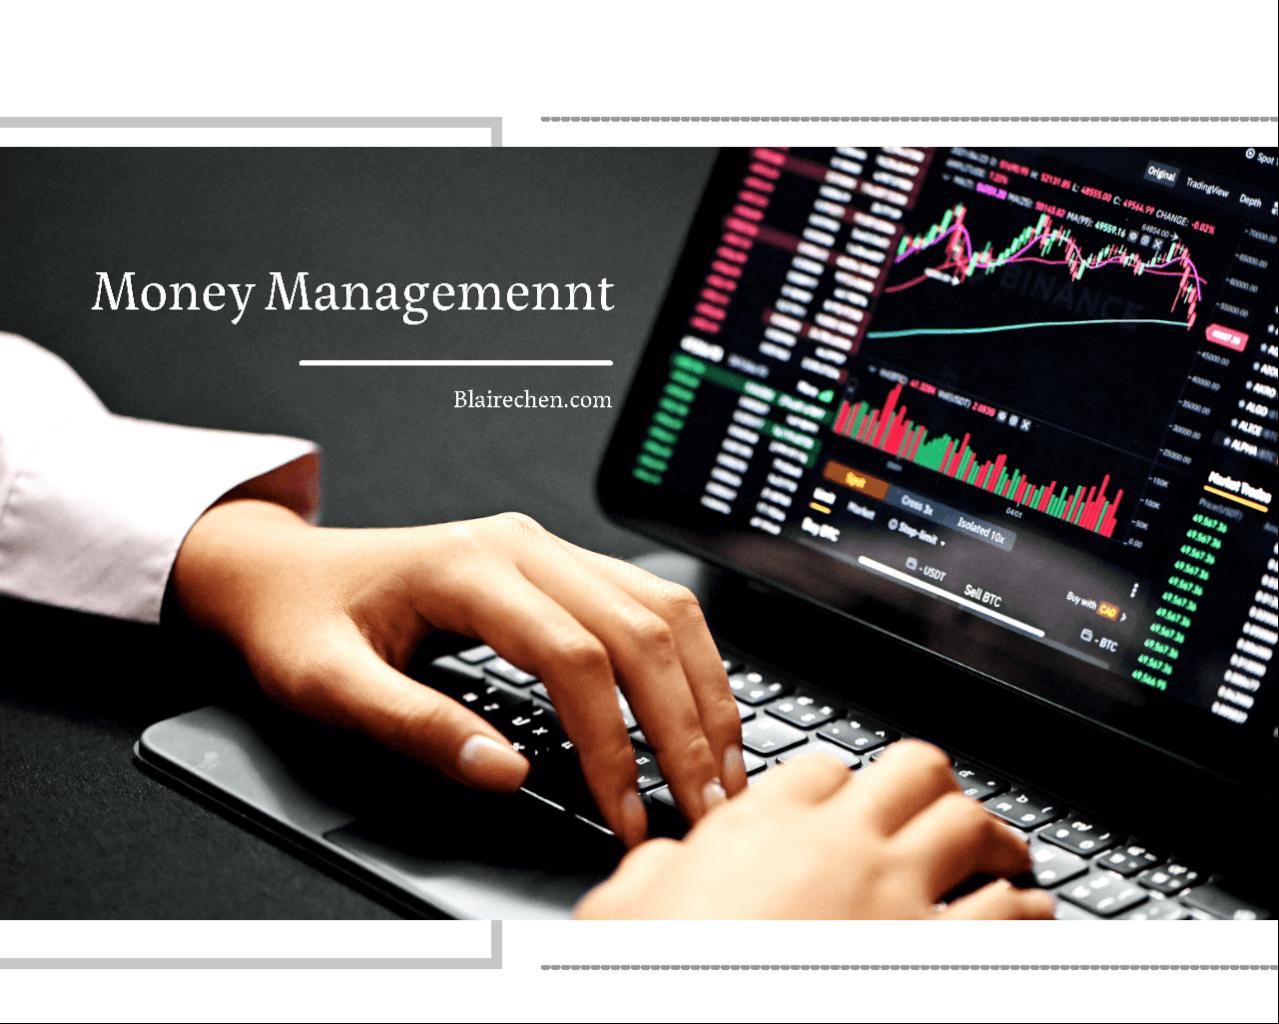 小資族的投資理財法:給你 4 招輕鬆入門好方法,讓你從「零」開始也不怕!!